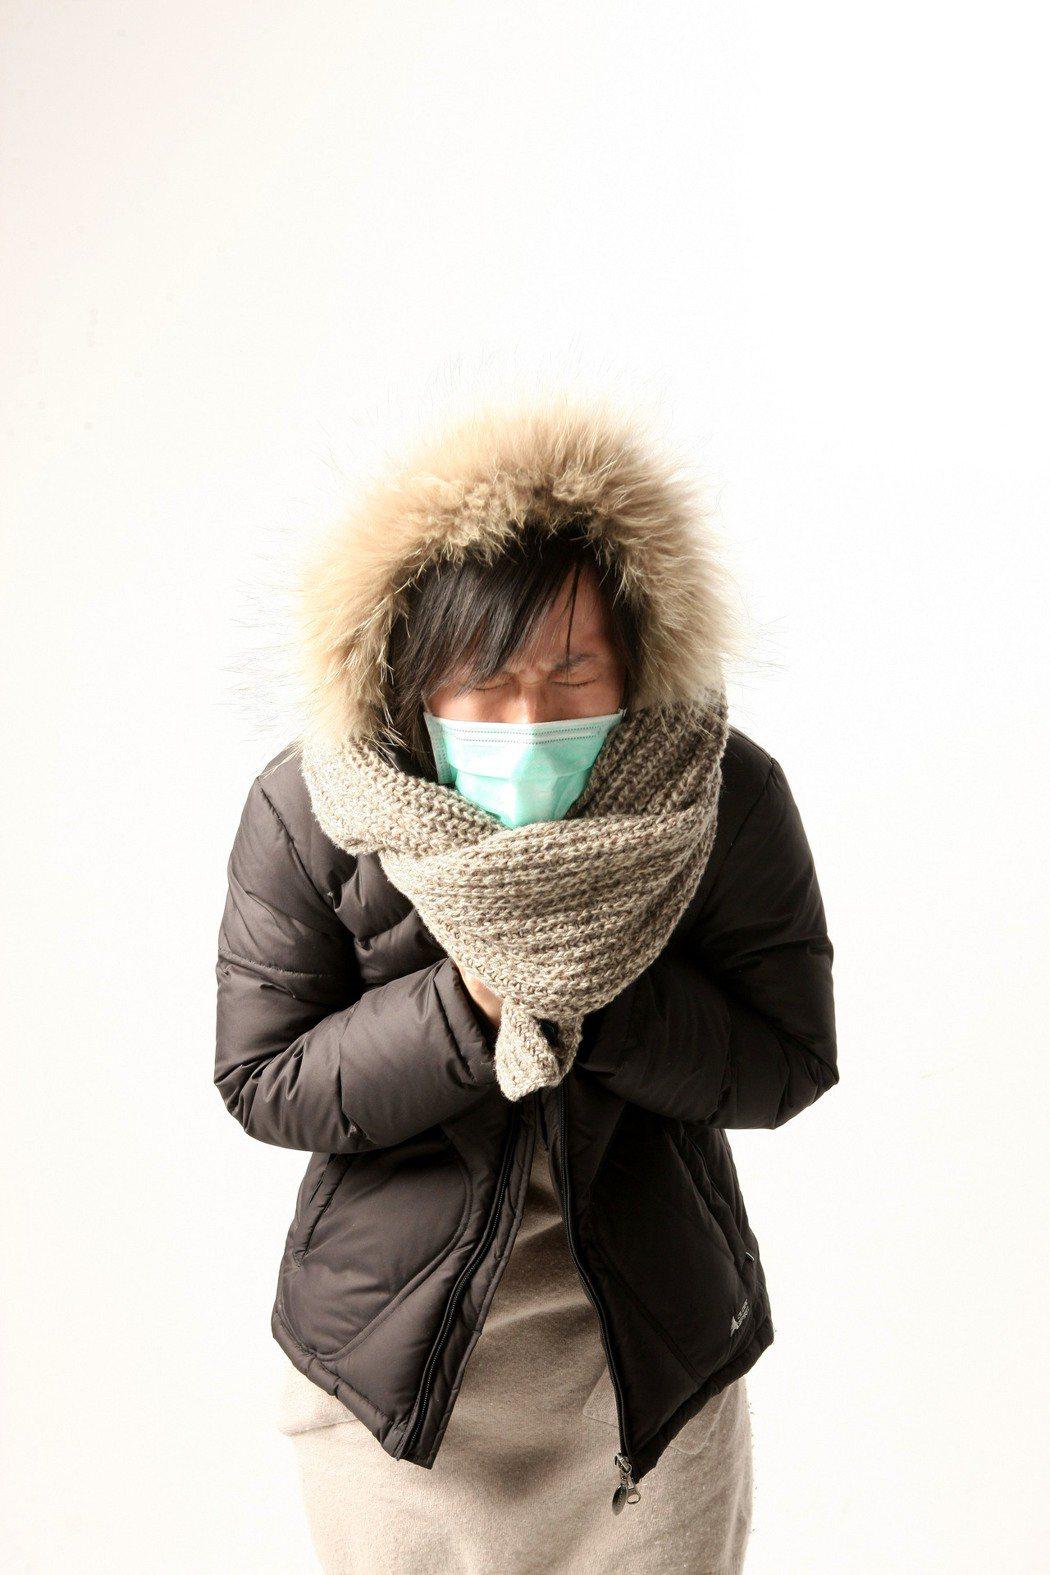 醫師指出,諾羅病毒感染人體後通常會潛伏一到兩天,發病時,多數感染者先吐後拉,可能...